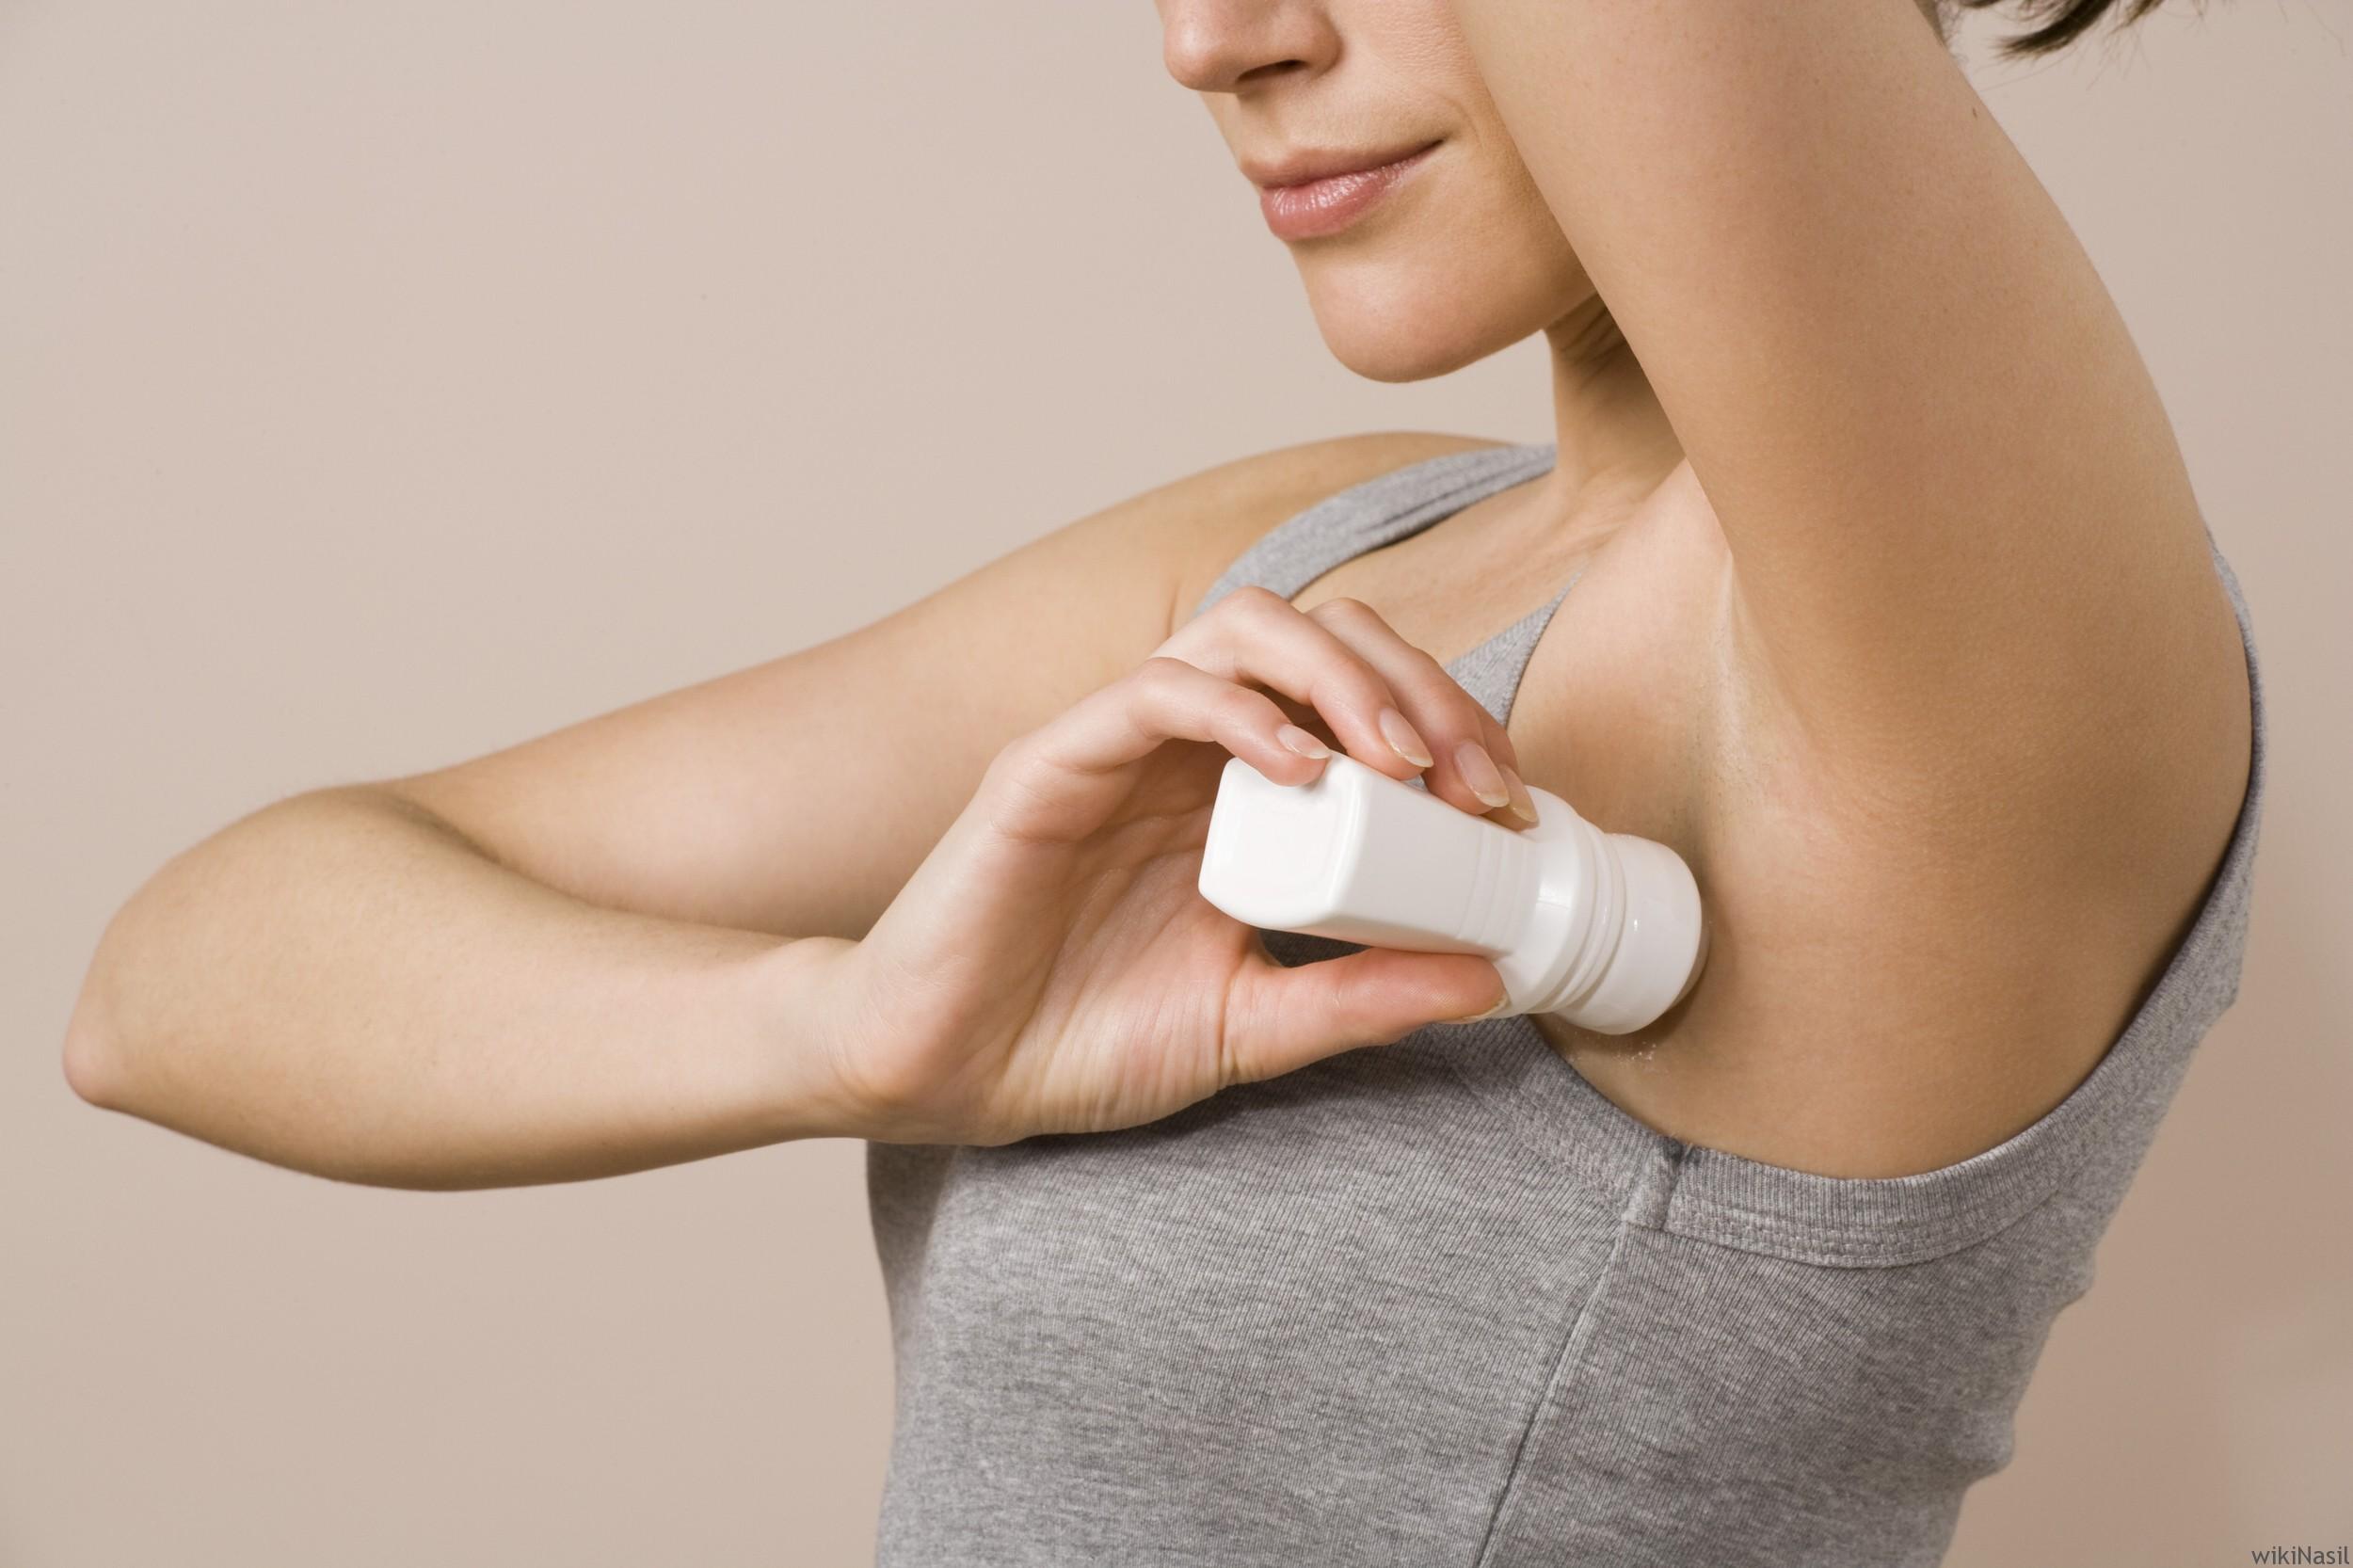 Пятна от дезодоранта-антиперсперанта на одежде: боремся с белыми и желтыми разводами подмышками